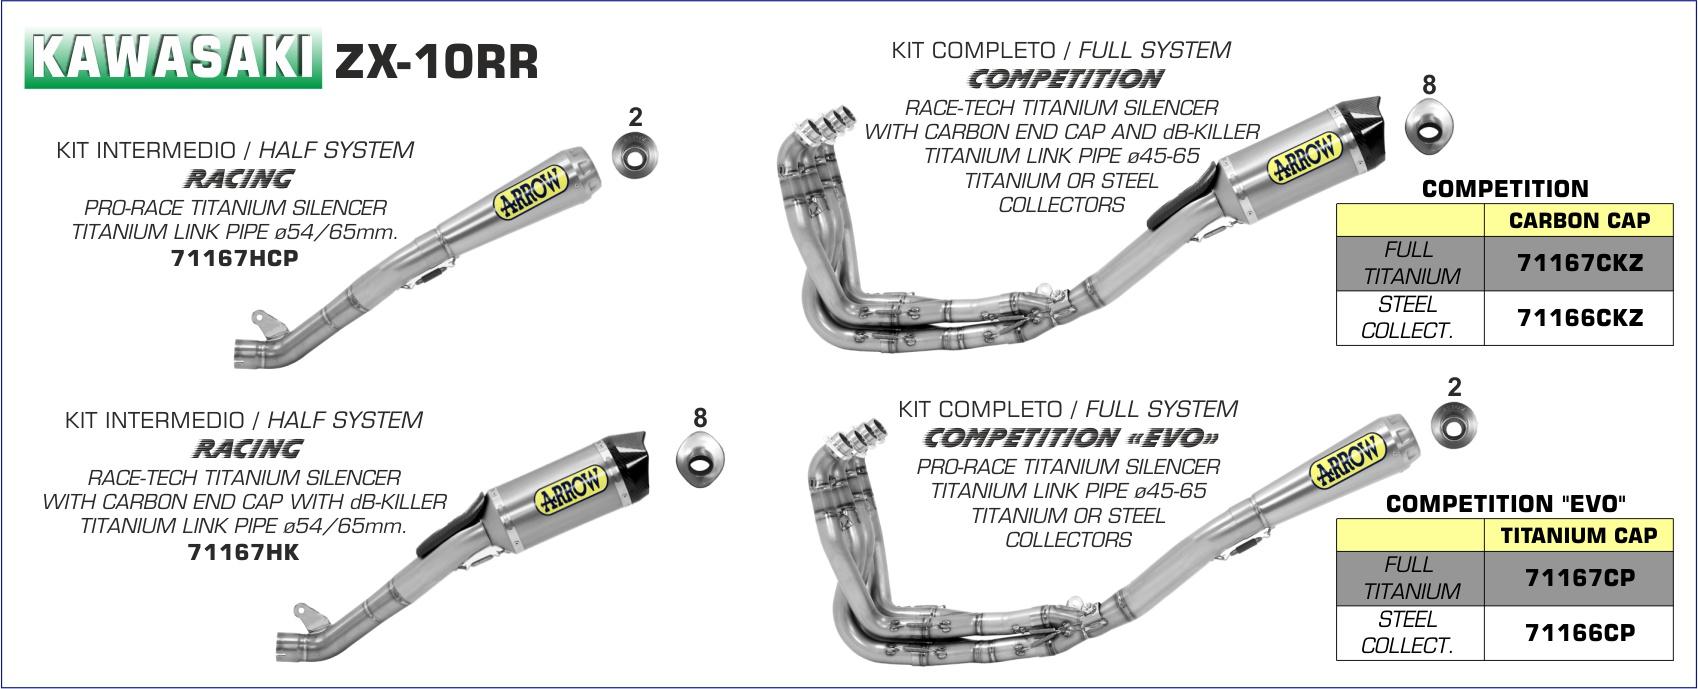 ARROW Auspuff Komplettanlage COMPETITION HALF SYSTEM für Kawasaki ZX-10RR 2017-, Edelstahl